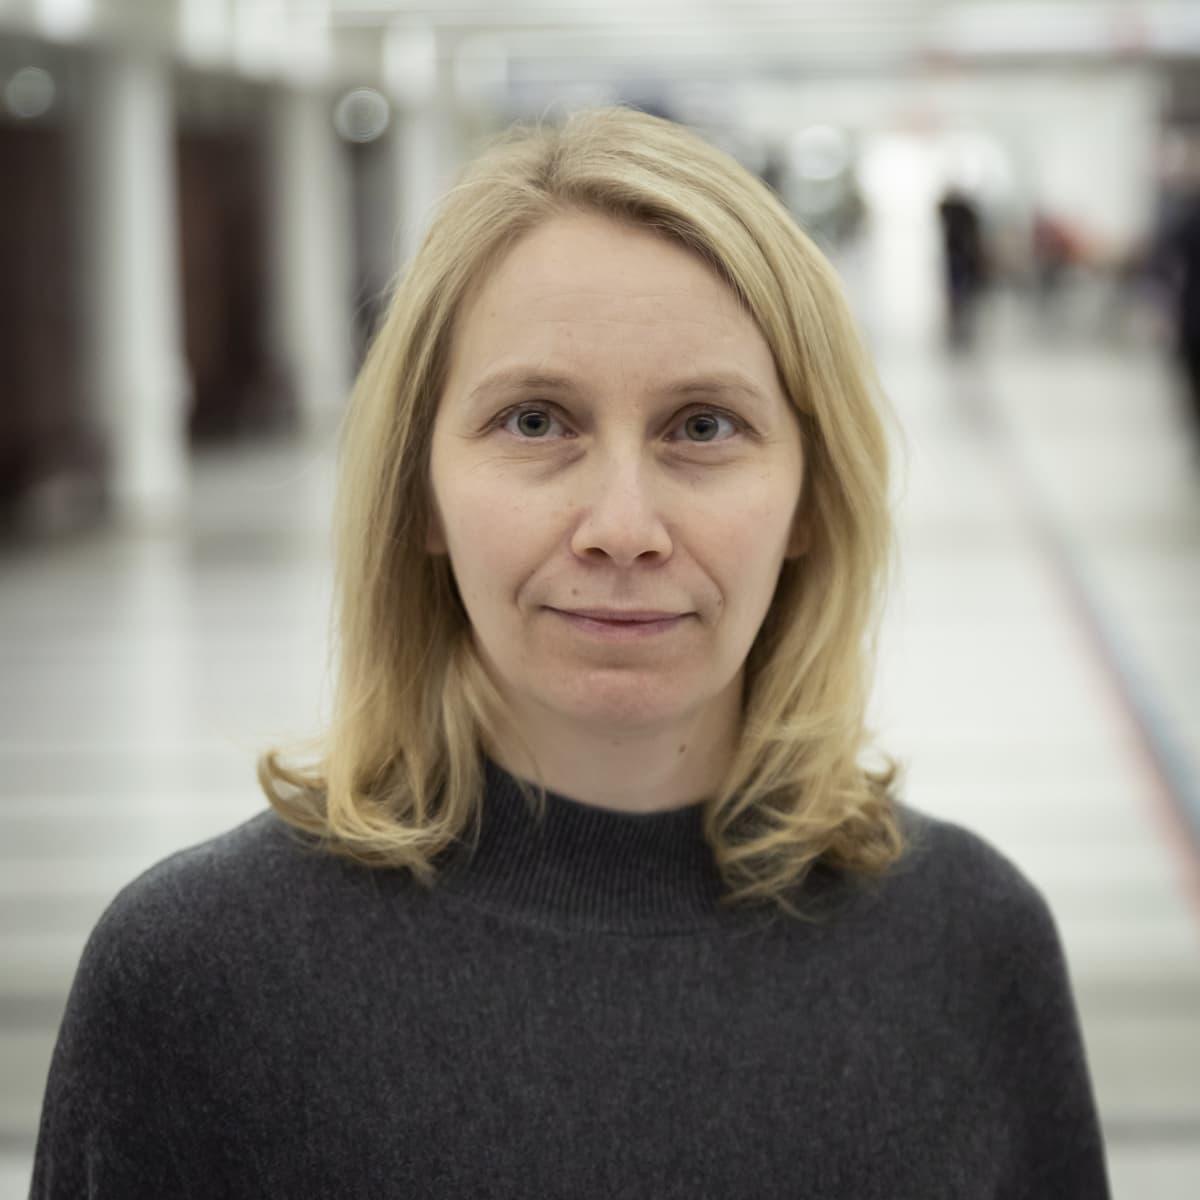 Piia Kurikkala Keski-Pohjanmaan keskussairaalan pääkäytävällä.